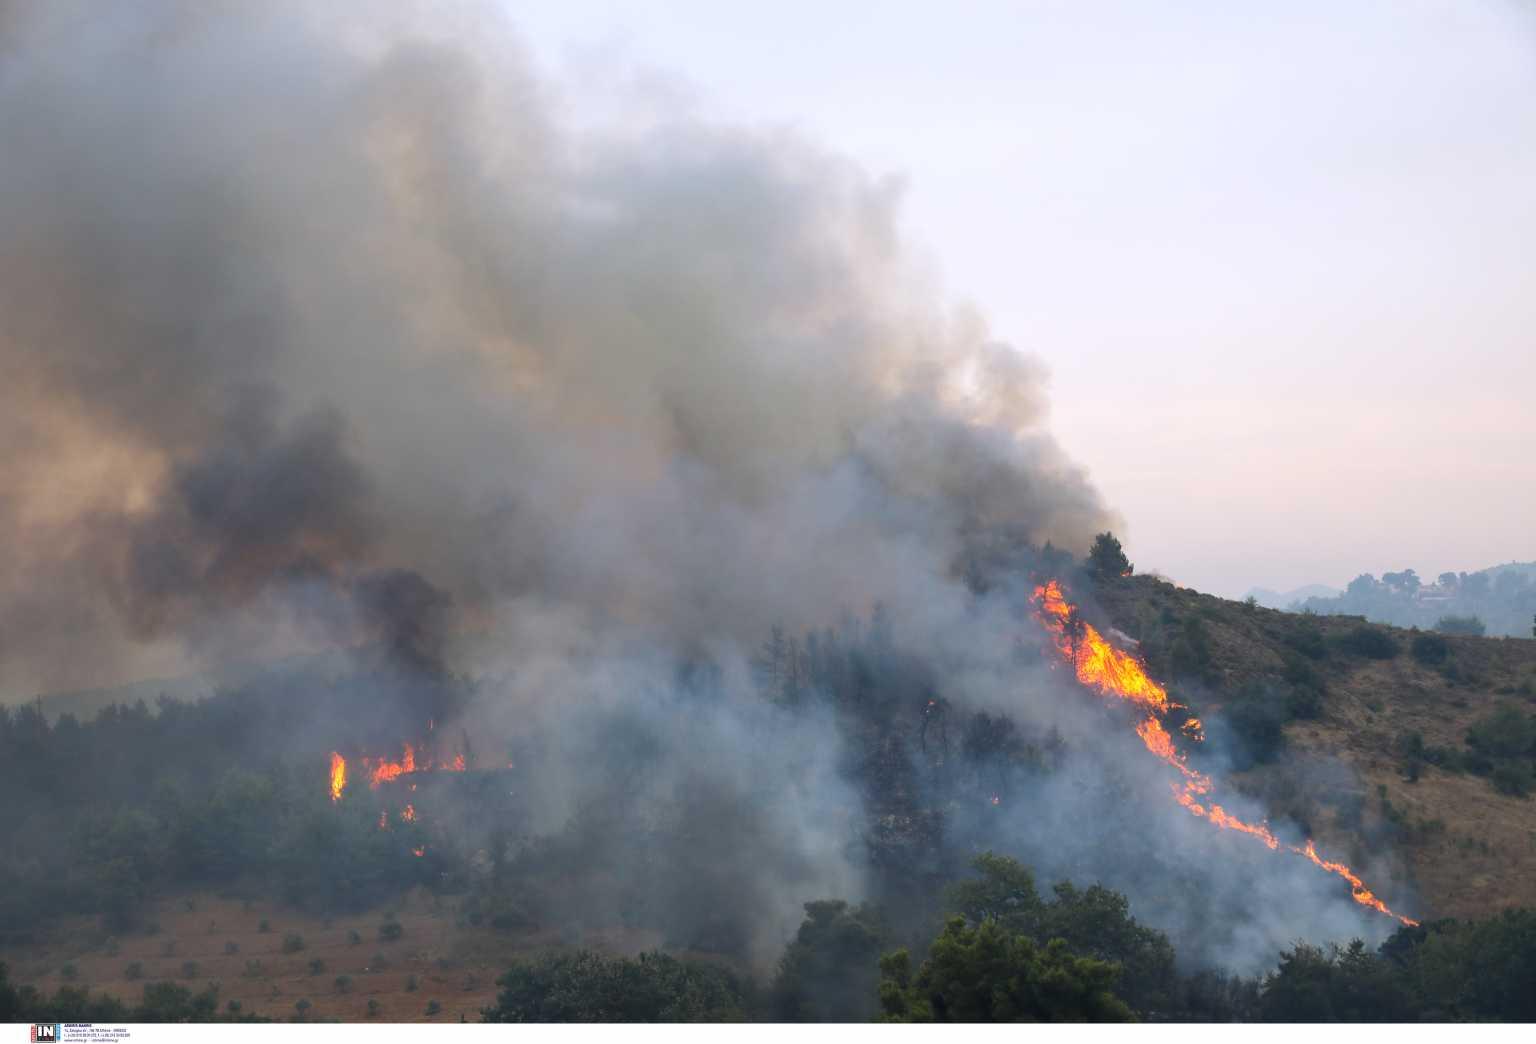 Φωτιά τώρα στην Άμφισσα – Ισχυρές δυνάμεις στην περιοχή